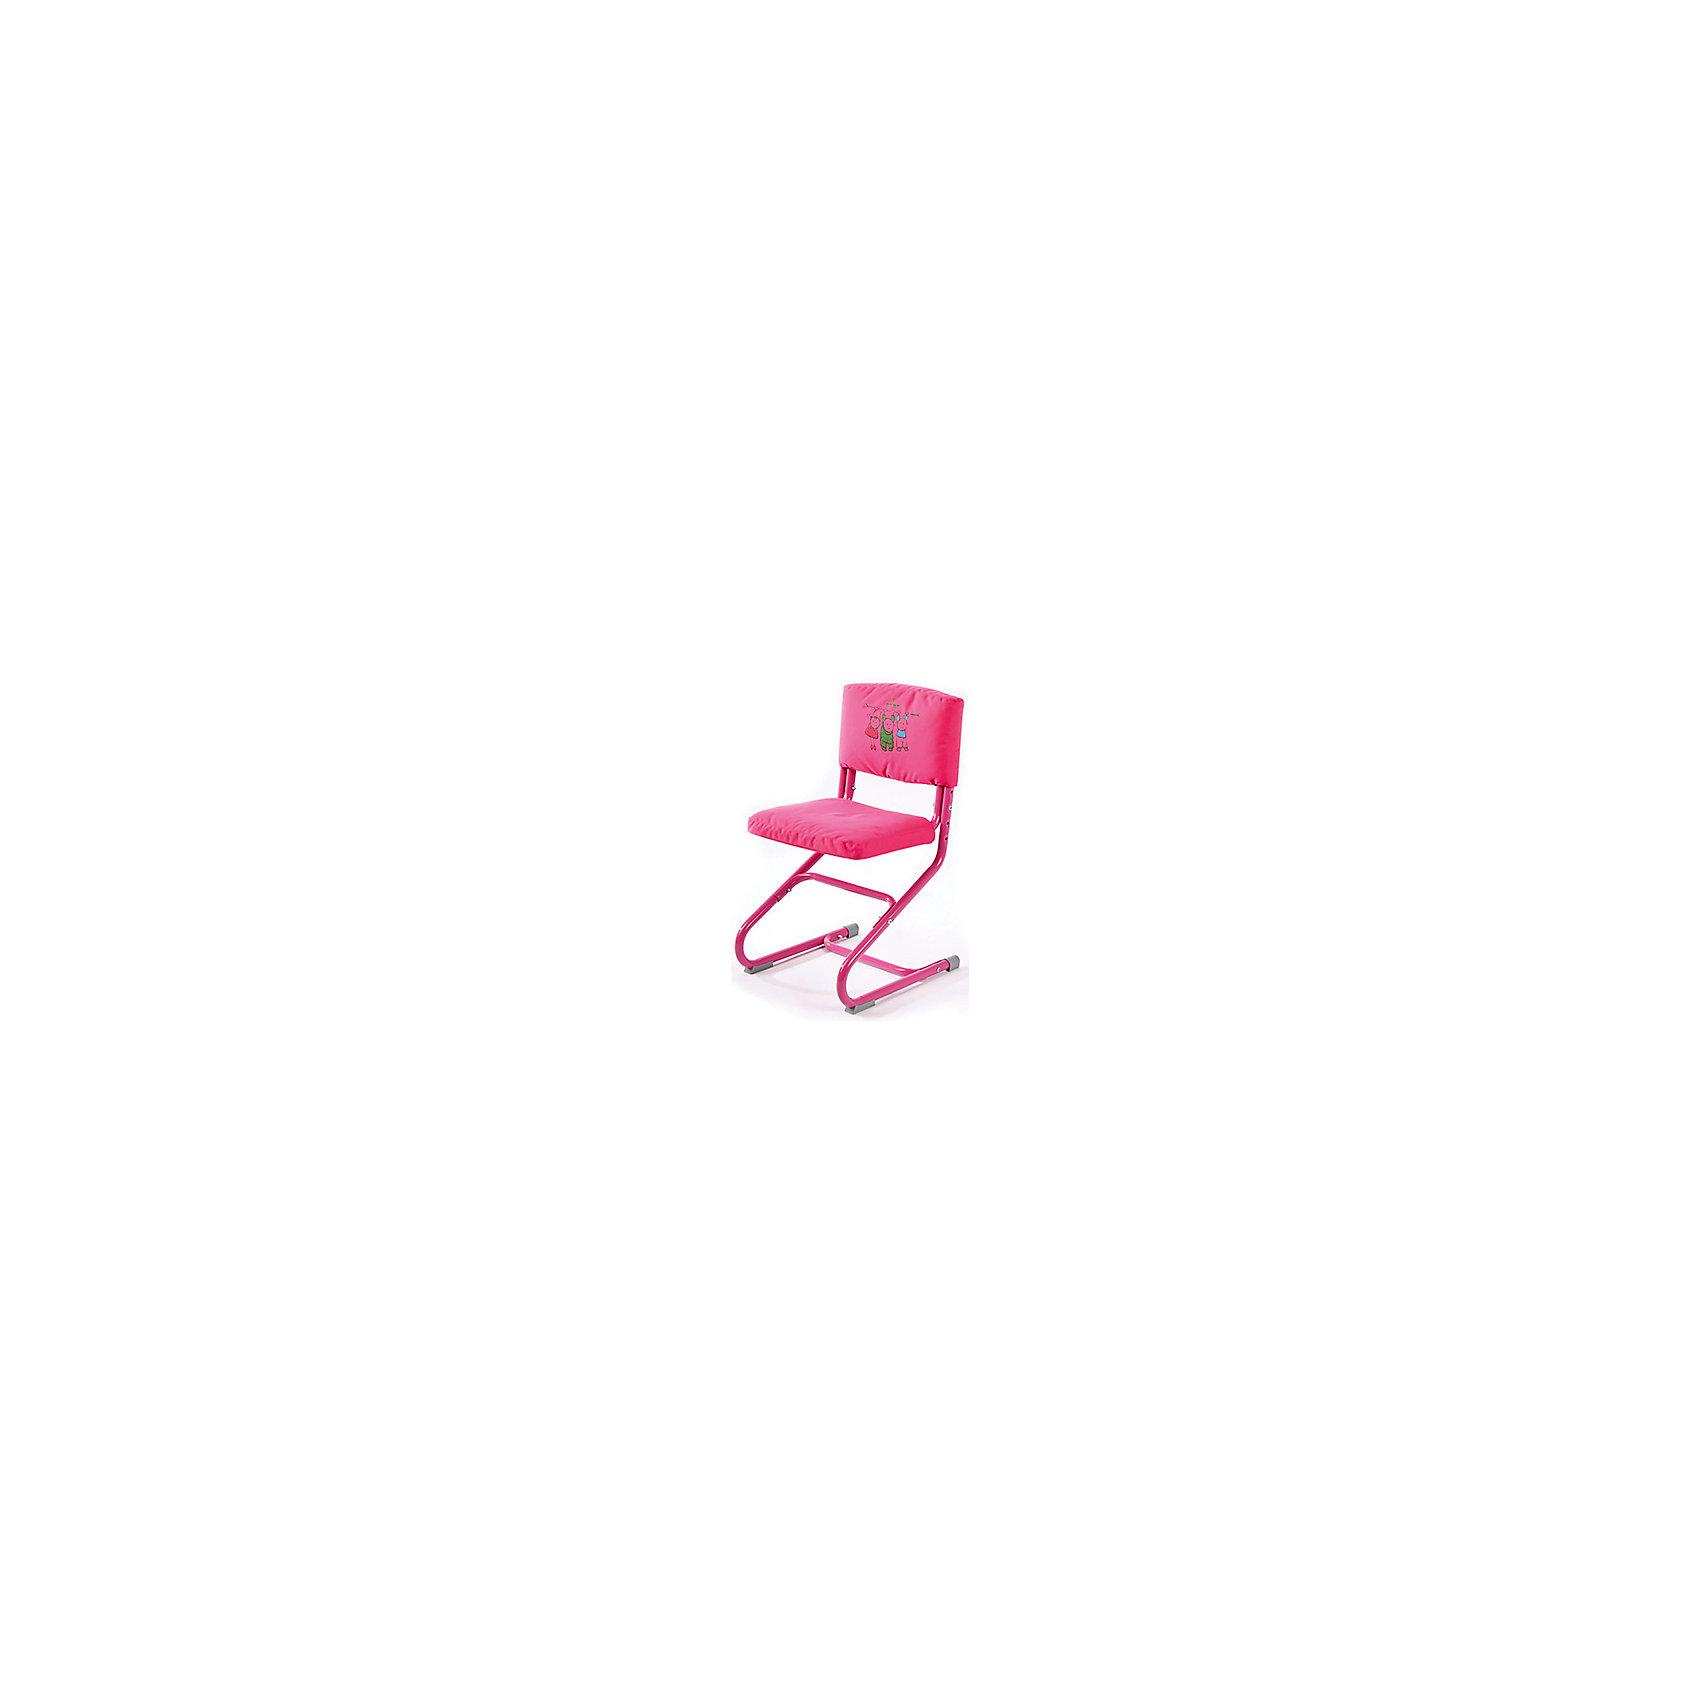 Чехол Оксфорд СУТ.01.040-01, Дэми, розовыйМебель<br>Чехол Оксфорд СУТ.01.040-01, Дэми, розовый – не только улучшает вид.<br>Данная модель чехла выполнена из прочной ткани оксфорд. Такую ткань можно стирать в машинке, он не теряет внешний вид от стирки и долгой службы. Чехол скрывает болты на спинке и сидении, тем самым делая стул еще удобнее и симпатичнее. Его легко снимать, однако он совершенно не скользит и не спадает со стула.<br><br>Дополнительная информация: <br><br>Размер: 500х390х50 мм<br>Вес: 360 гр<br>Материал: оксфорд<br>Цвет: розовый<br><br>Чехол Оксфорд СУТ.01.040-01, Дэми, розовый можно купить в нашем интернет магазине.<br><br>Ширина мм: 500<br>Глубина мм: 390<br>Высота мм: 50<br>Вес г: 360<br>Возраст от месяцев: 48<br>Возраст до месяцев: 1188<br>Пол: Женский<br>Возраст: Детский<br>SKU: 4919230